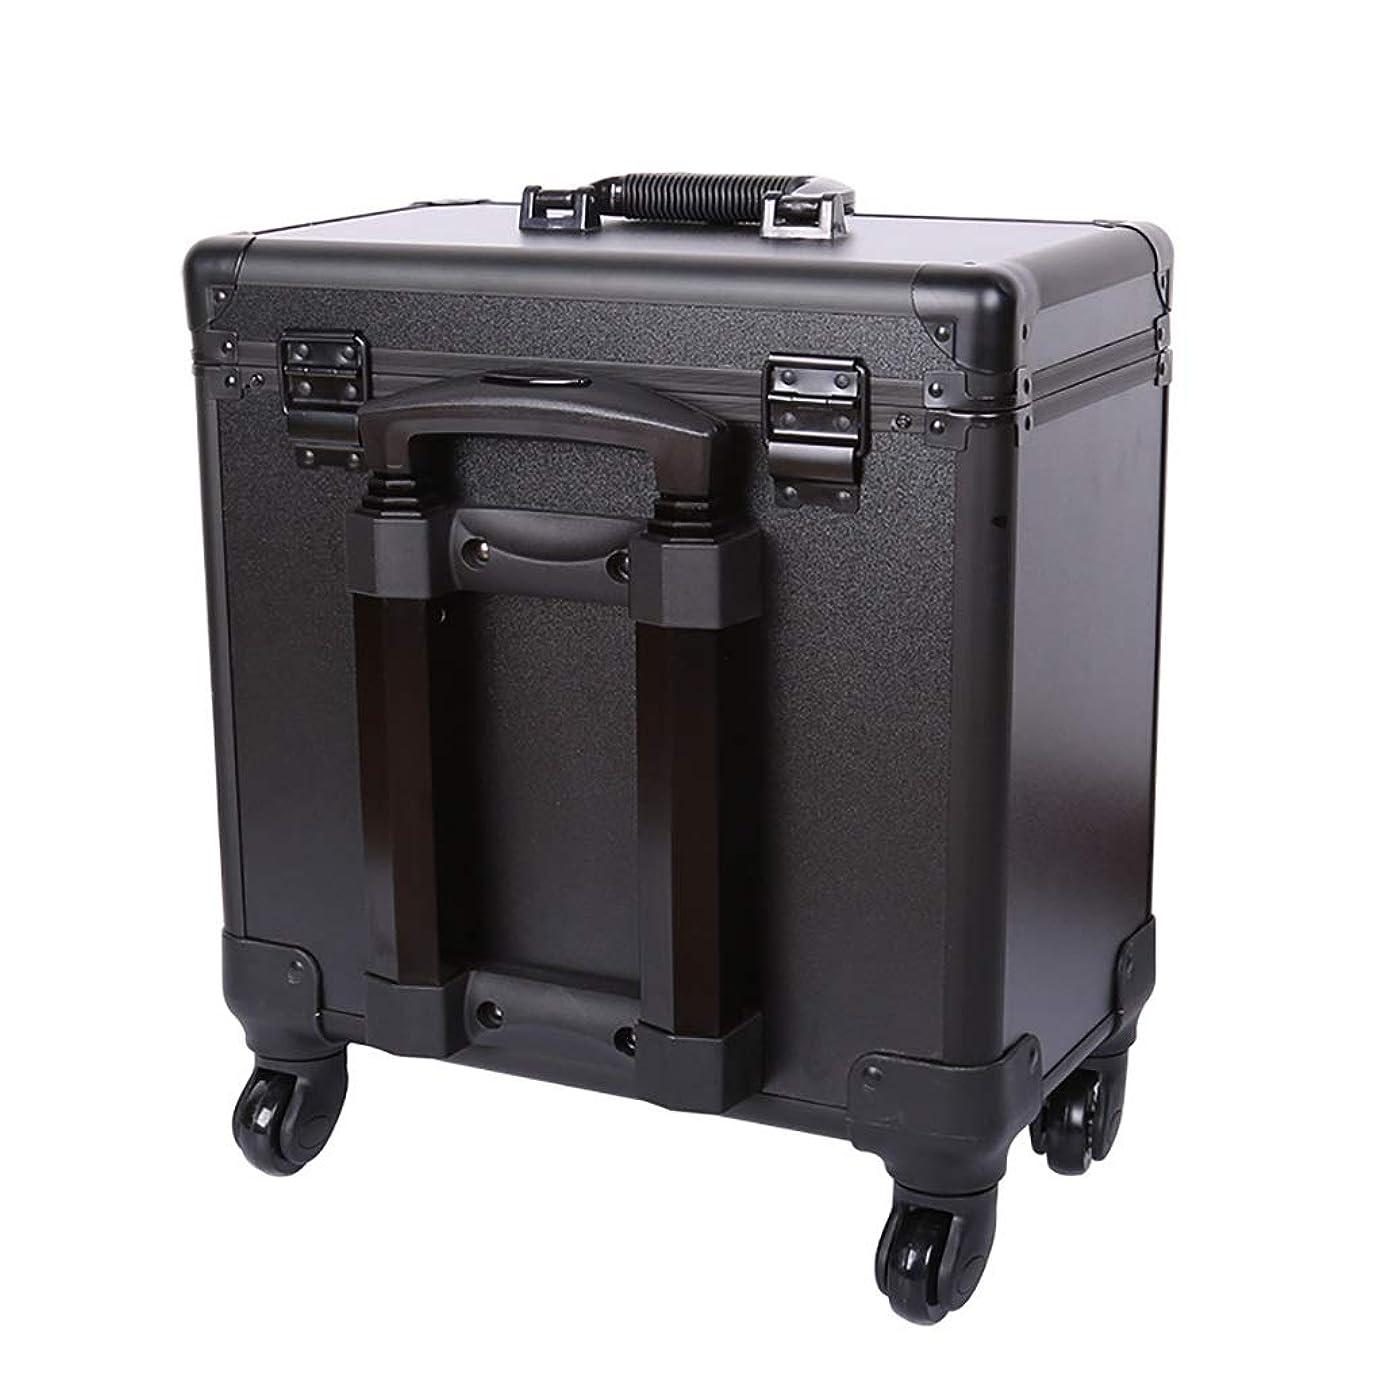 ストレッチ映画王族理髪道具箱、ユニバーサルホイールポータブルトロリーケース美容院特別多機能大容量ハーフハイト箱